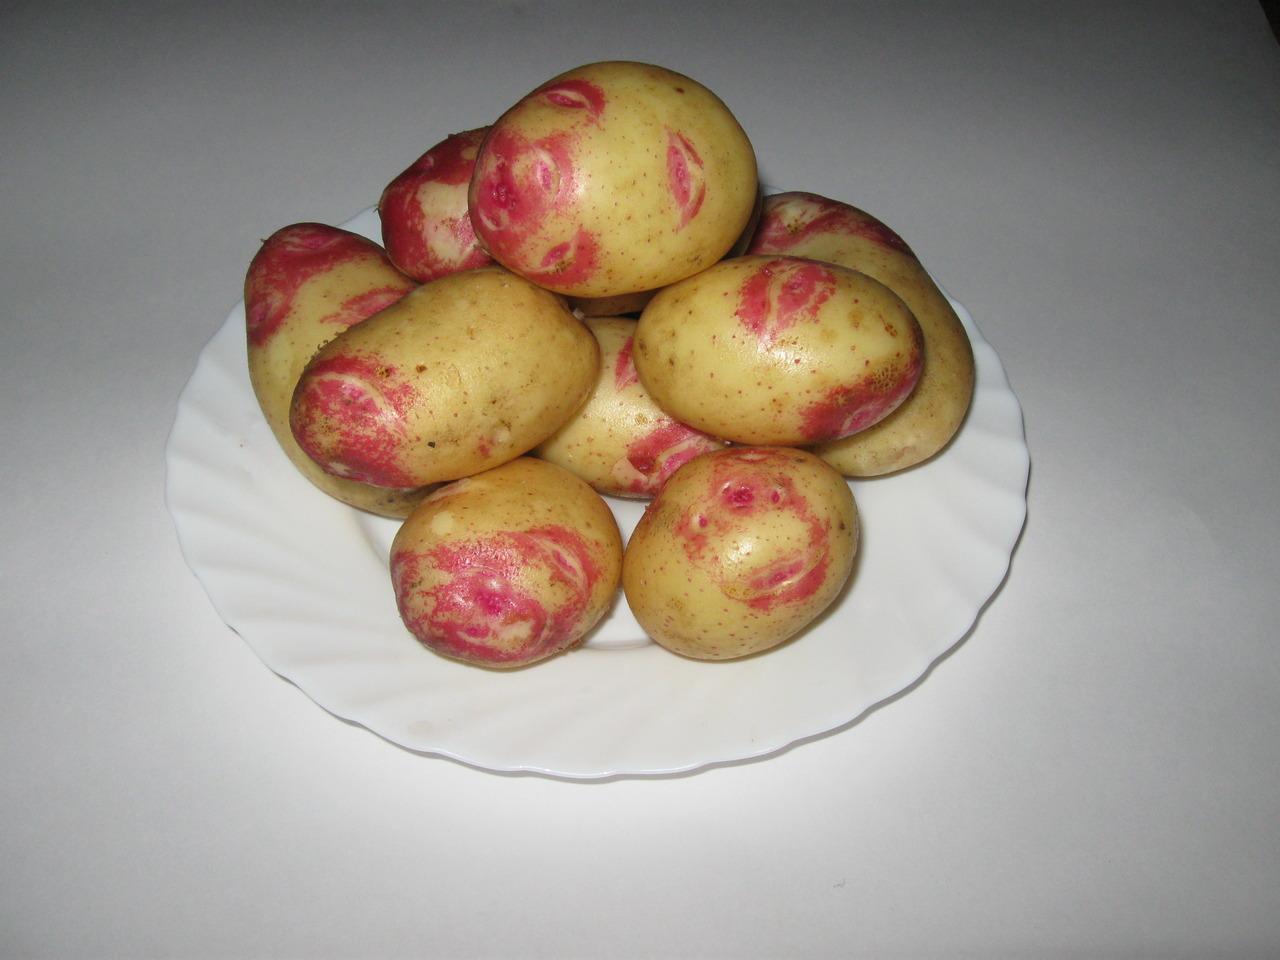 понимали, картошка сорт лимонка описание с фото радостью